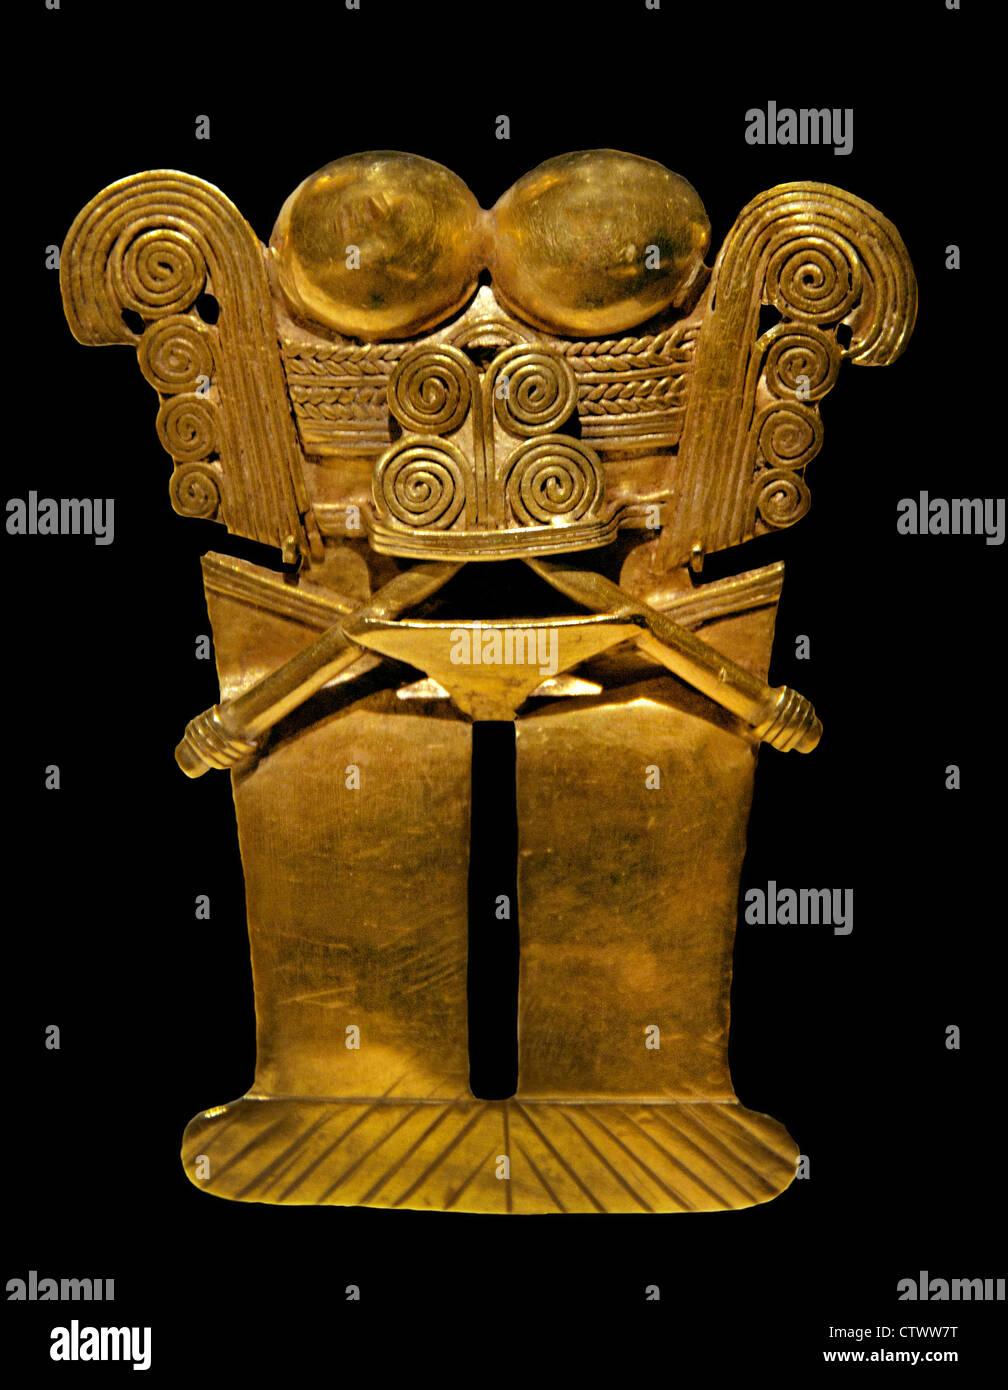 La figura Ciondolo 10th-XVI secolo Colombia Cultura Darien Gold H. 3 1/8 x W. 2 3/8 in. (7,9 x 6,1 cm) colombiano Immagini Stock